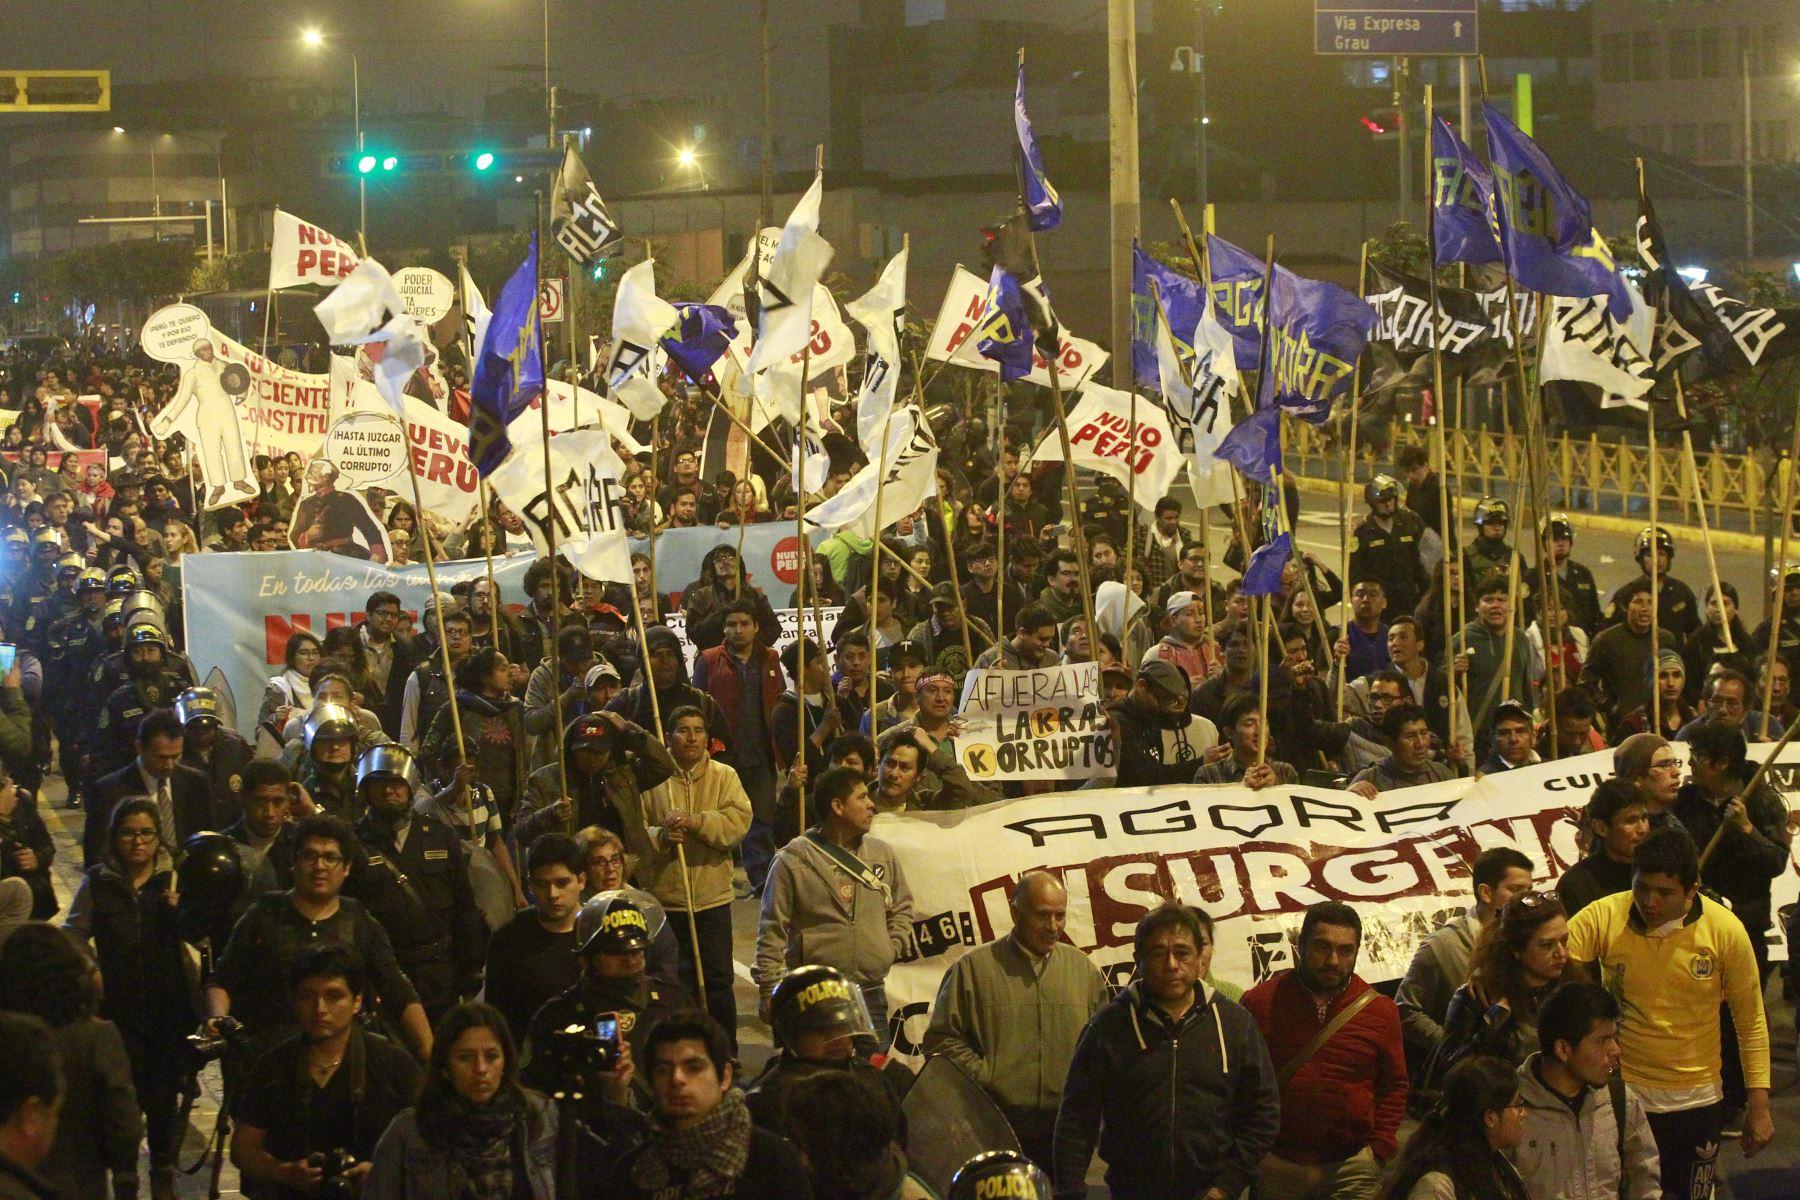 ciudadanos participaron en marcha en respaldo al pedido de cuestión con confianza solicitado por el presidente Martín Vizcarra.Foto: ANDINA/Eddy Ramos